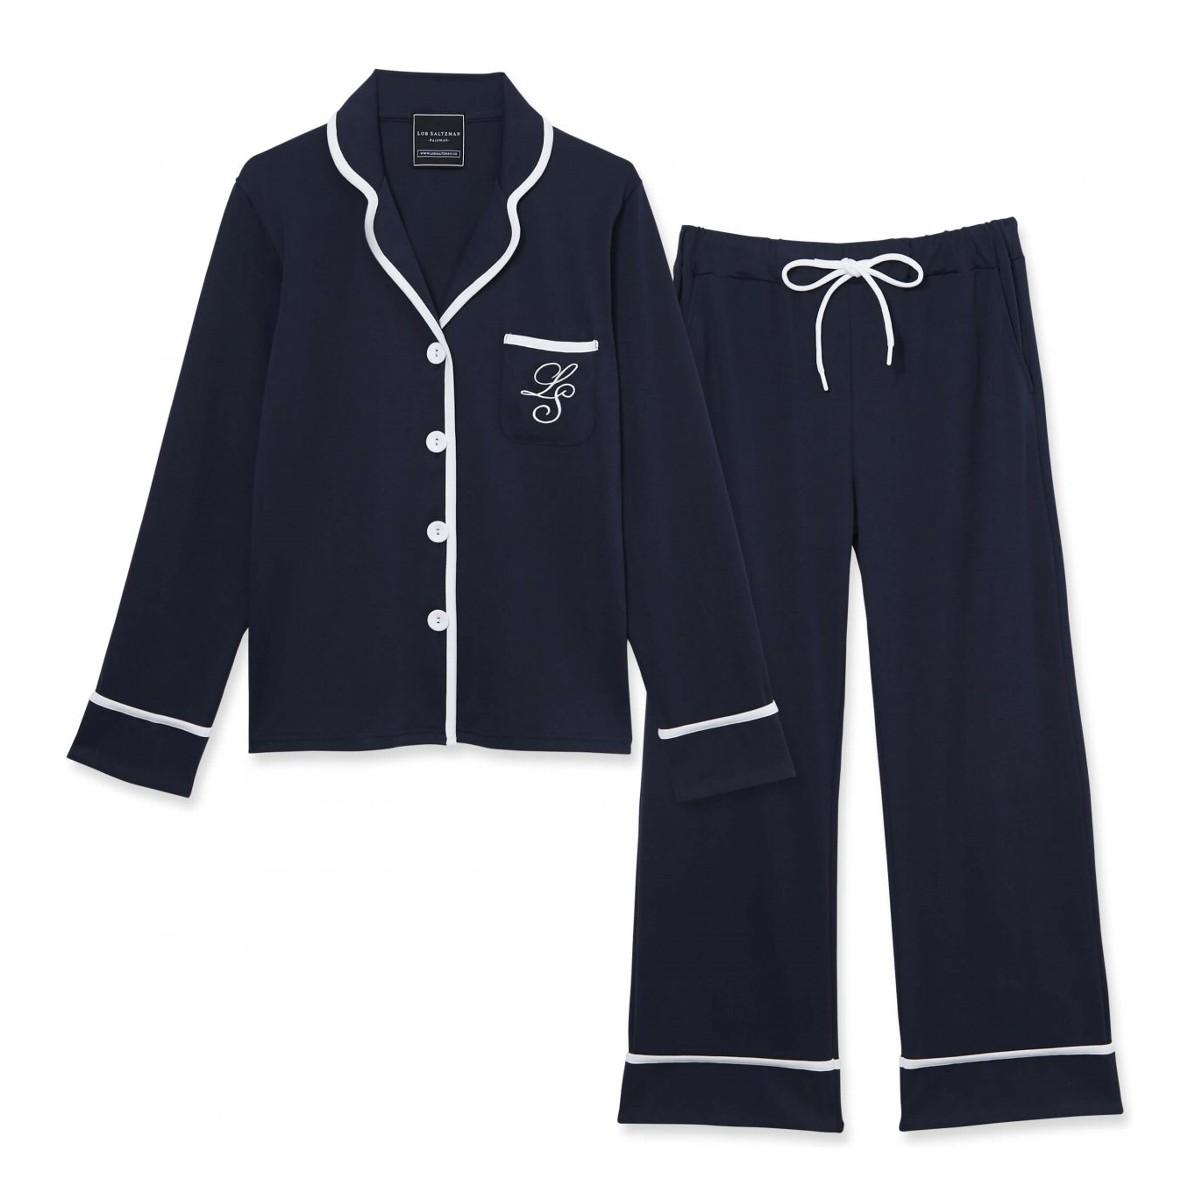 ロブサルツマンのパジャマ